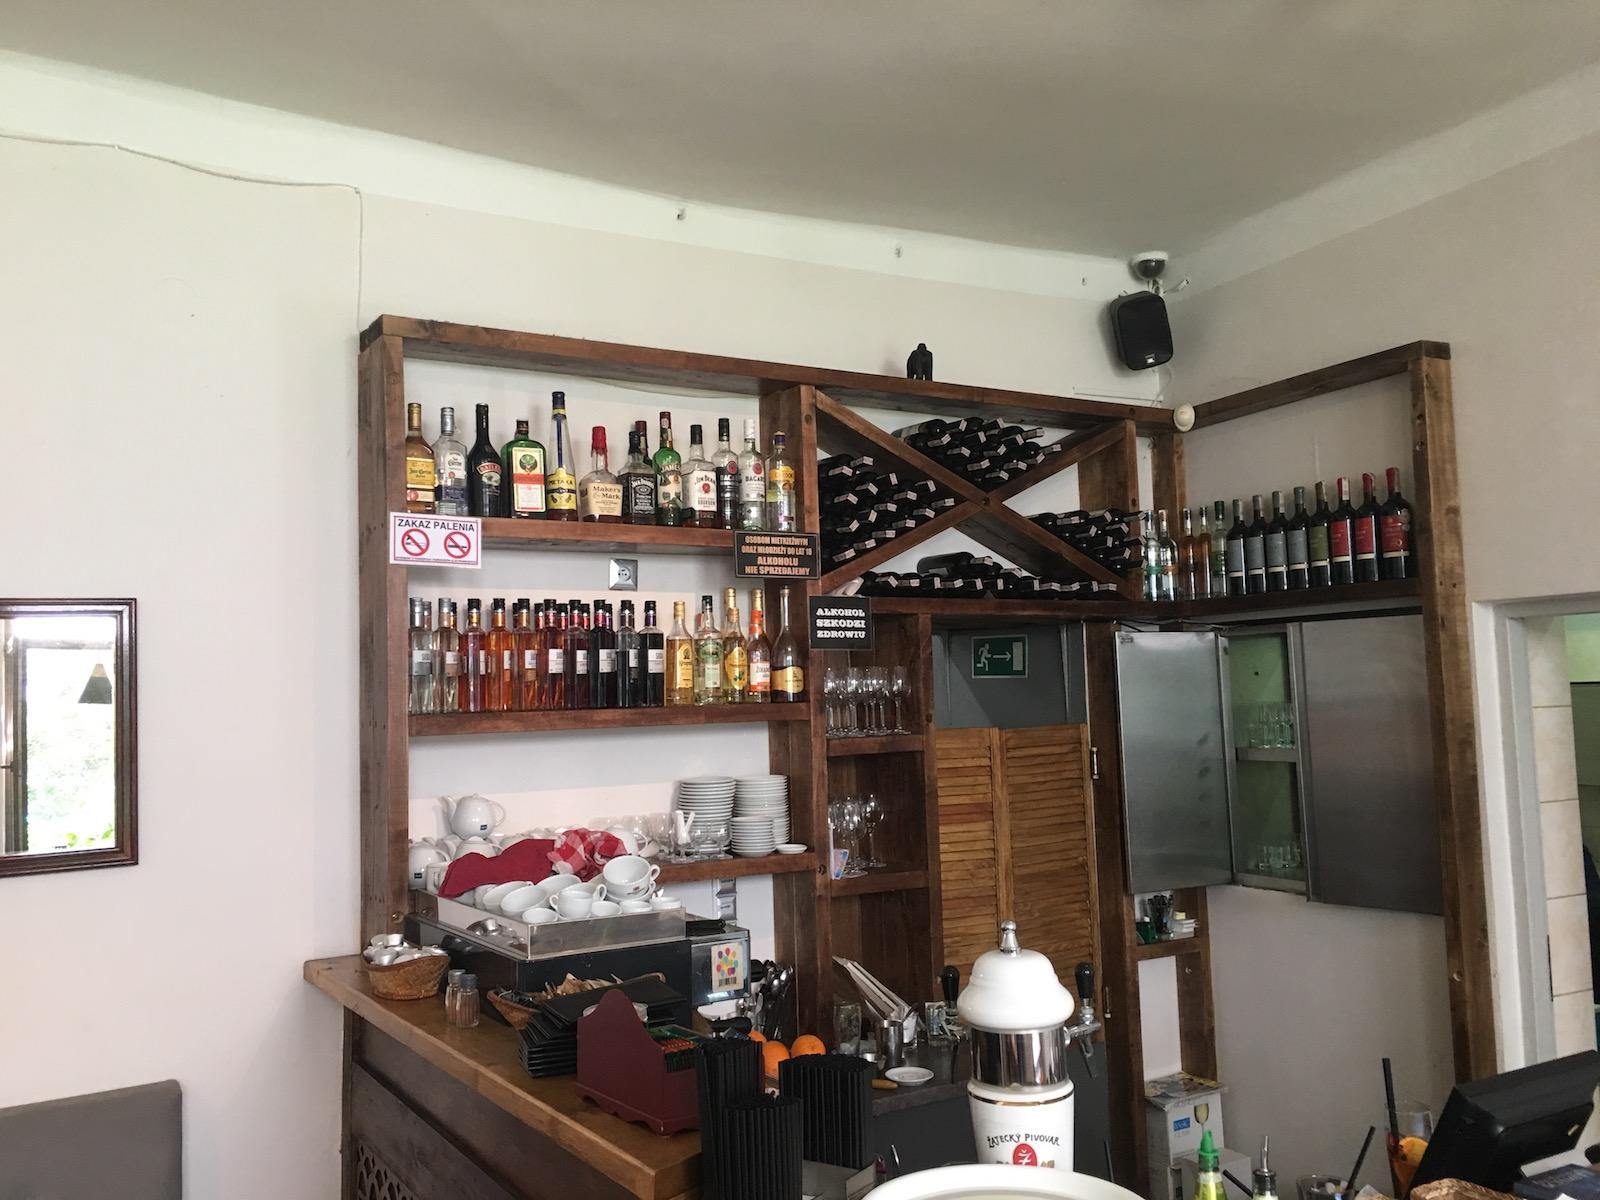 Tbilisuri Po Prostu Najlepsza Kuchnia Gruzińska Street